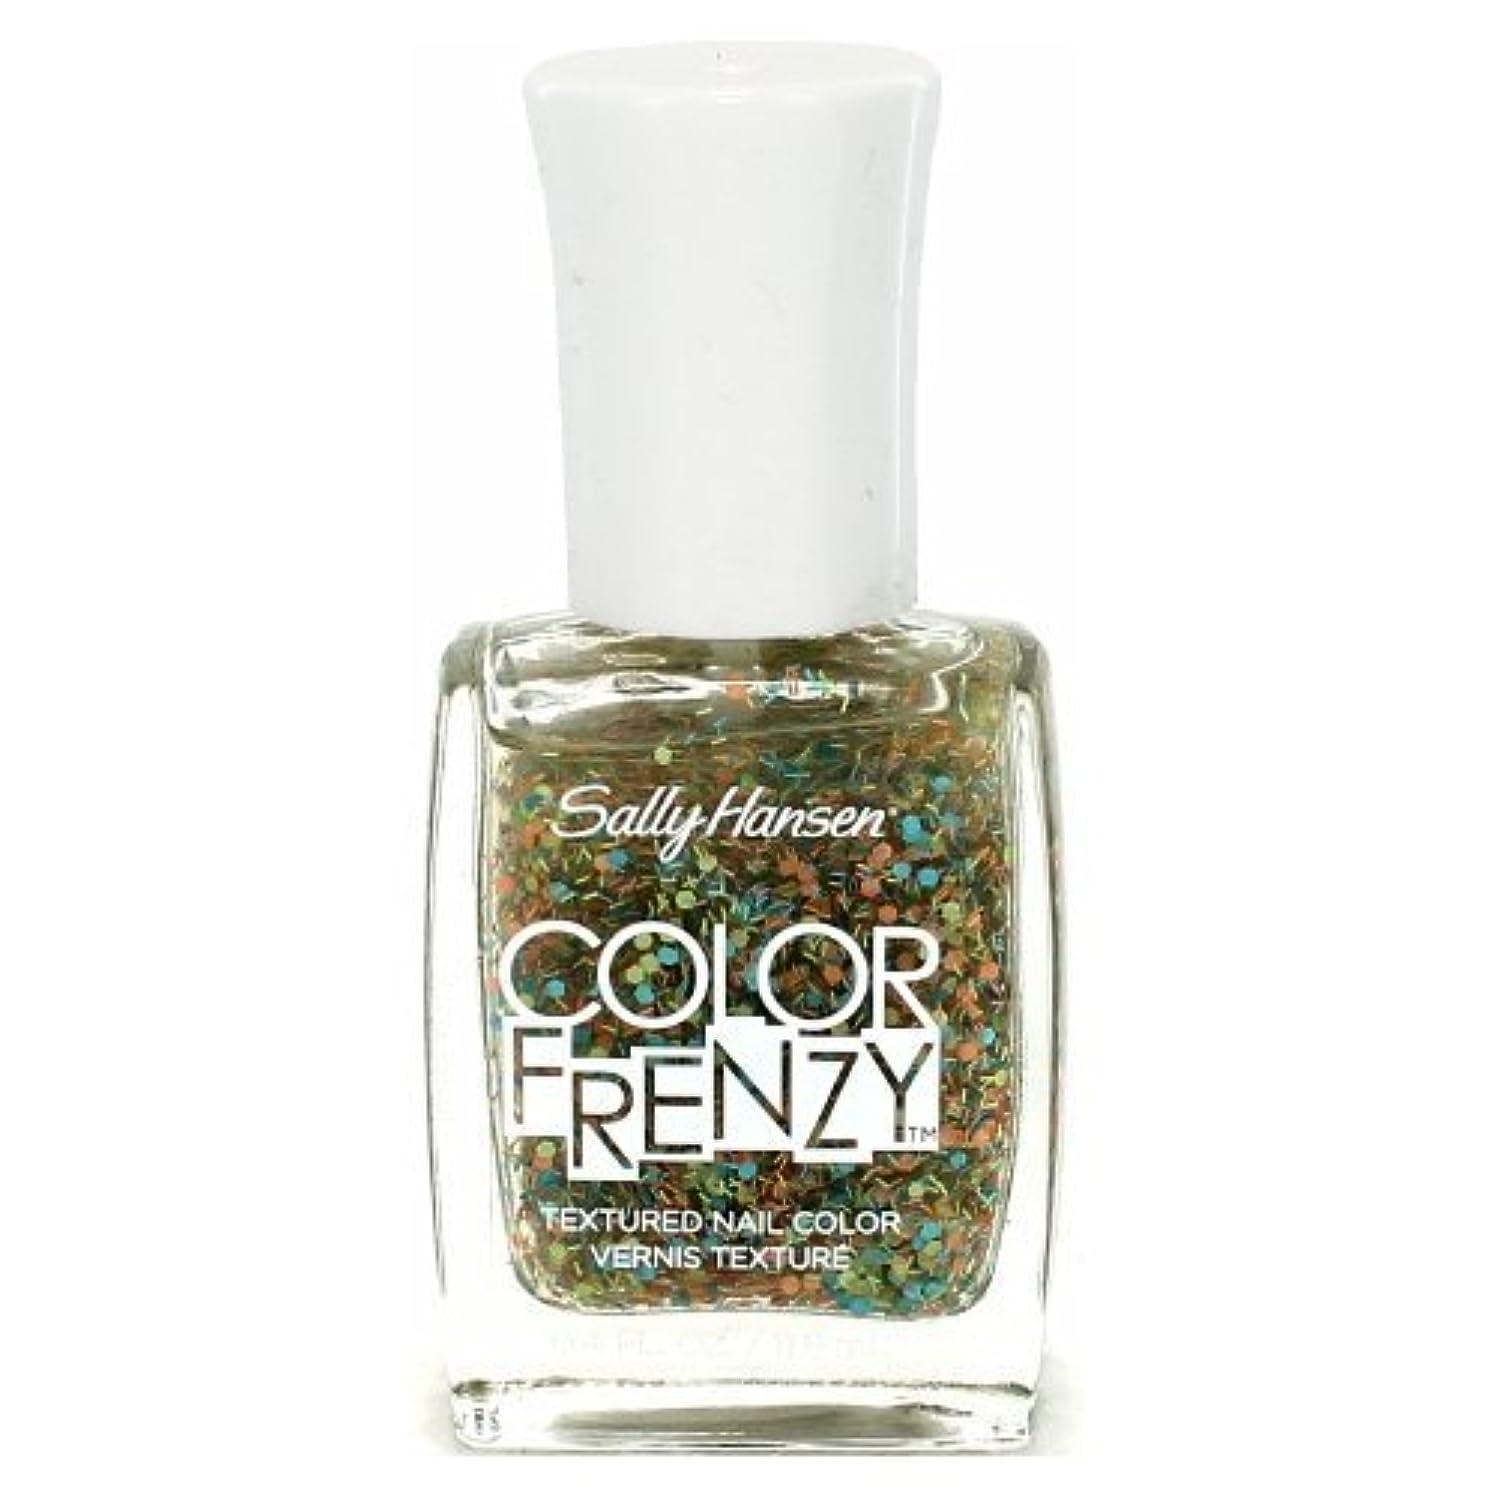 酸っぱいプラグ覗くSALLY HANSEN Color Frenzy Textured Nail Color - Paint Party (並行輸入品)